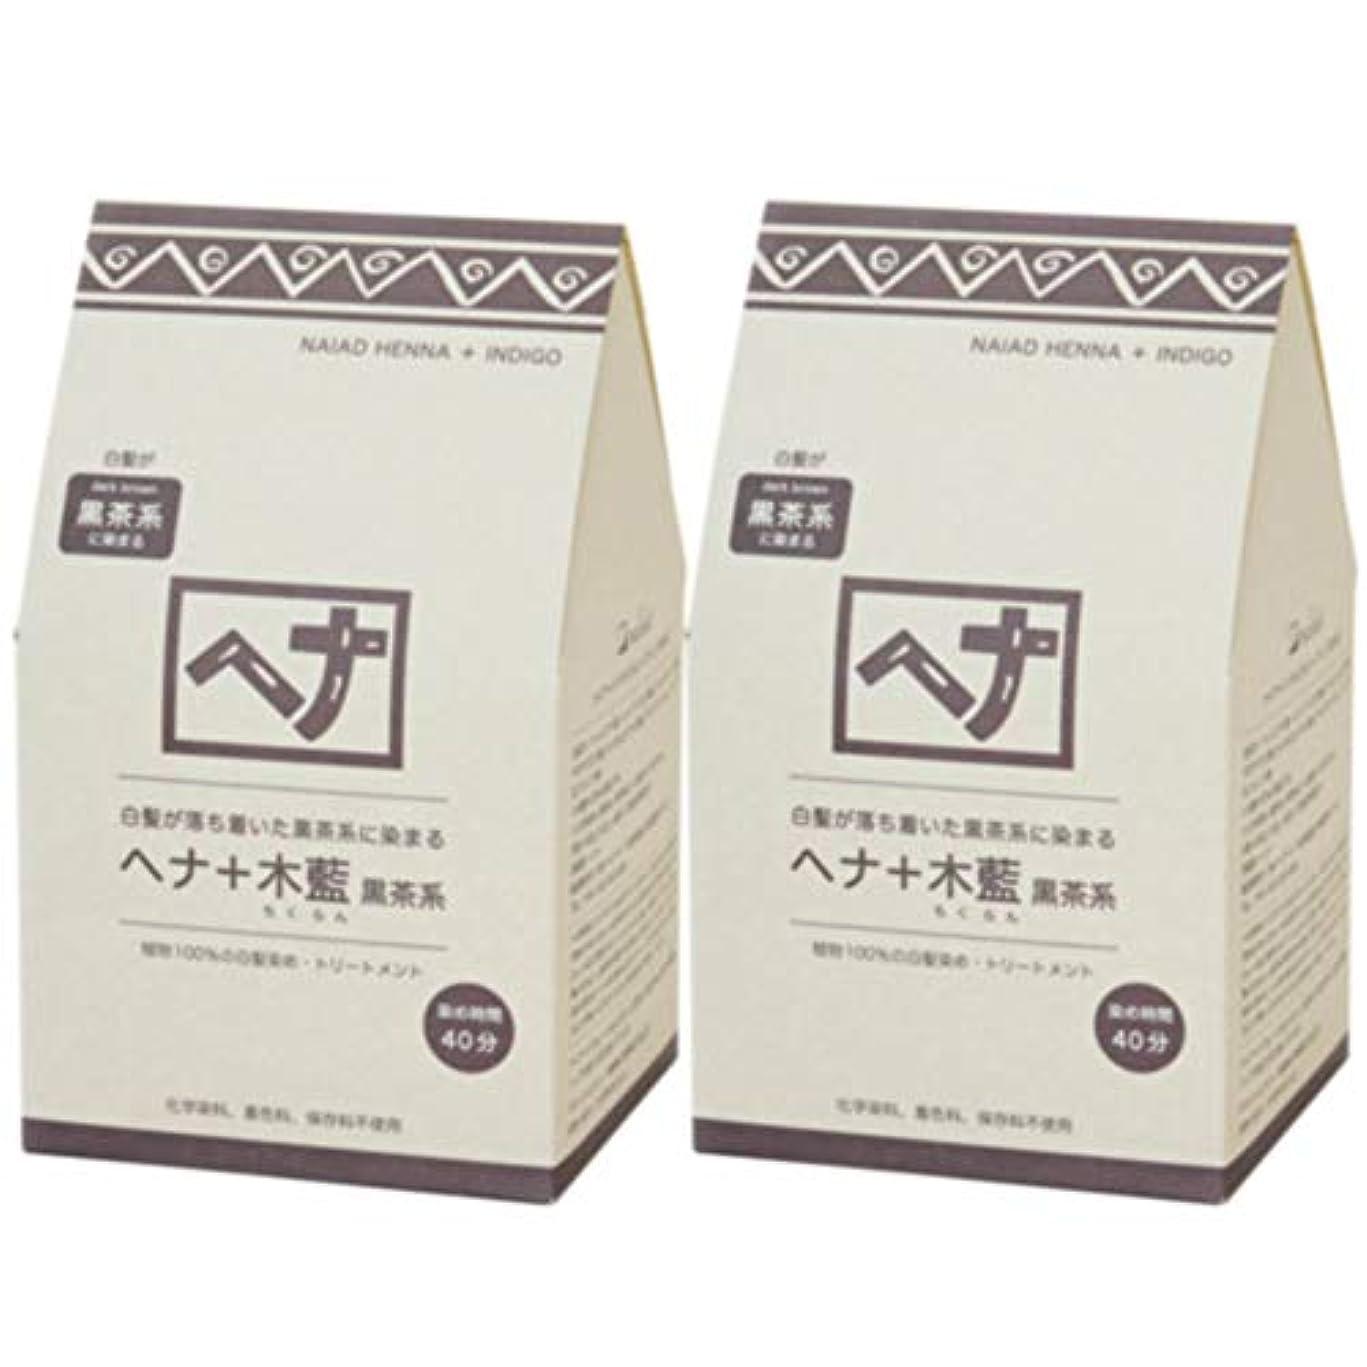 軽くことわざ行列ナイアード ヘナ+木藍 黒茶系 400g◆2個+【ヘアキャップ&耳キャップ】セット